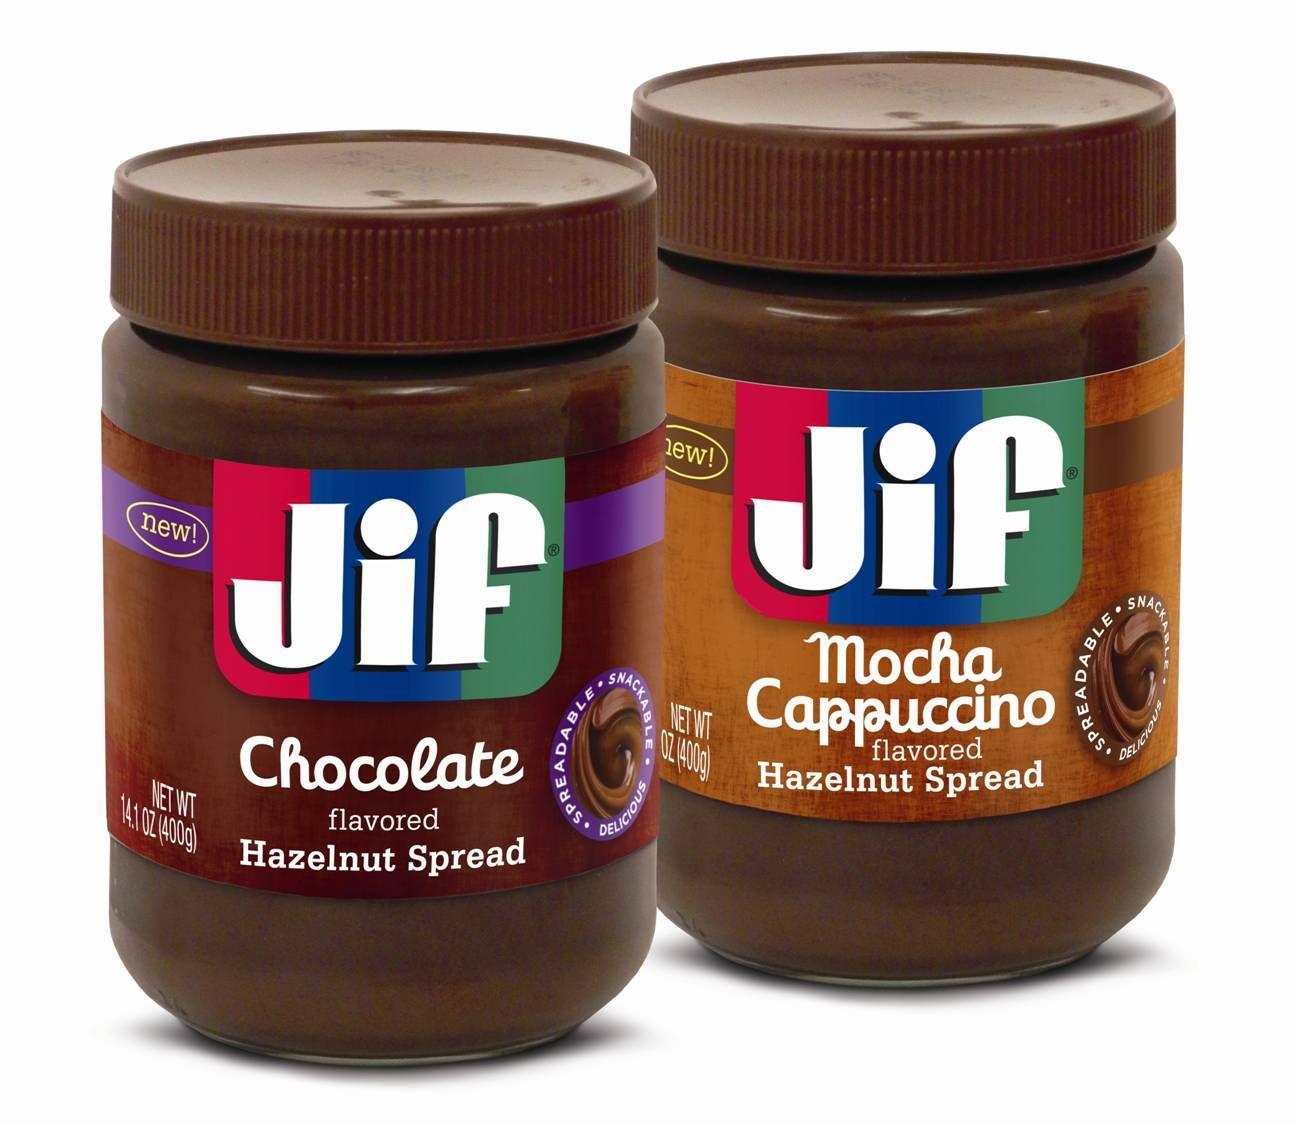 Jif-Hazelnut-Spreads